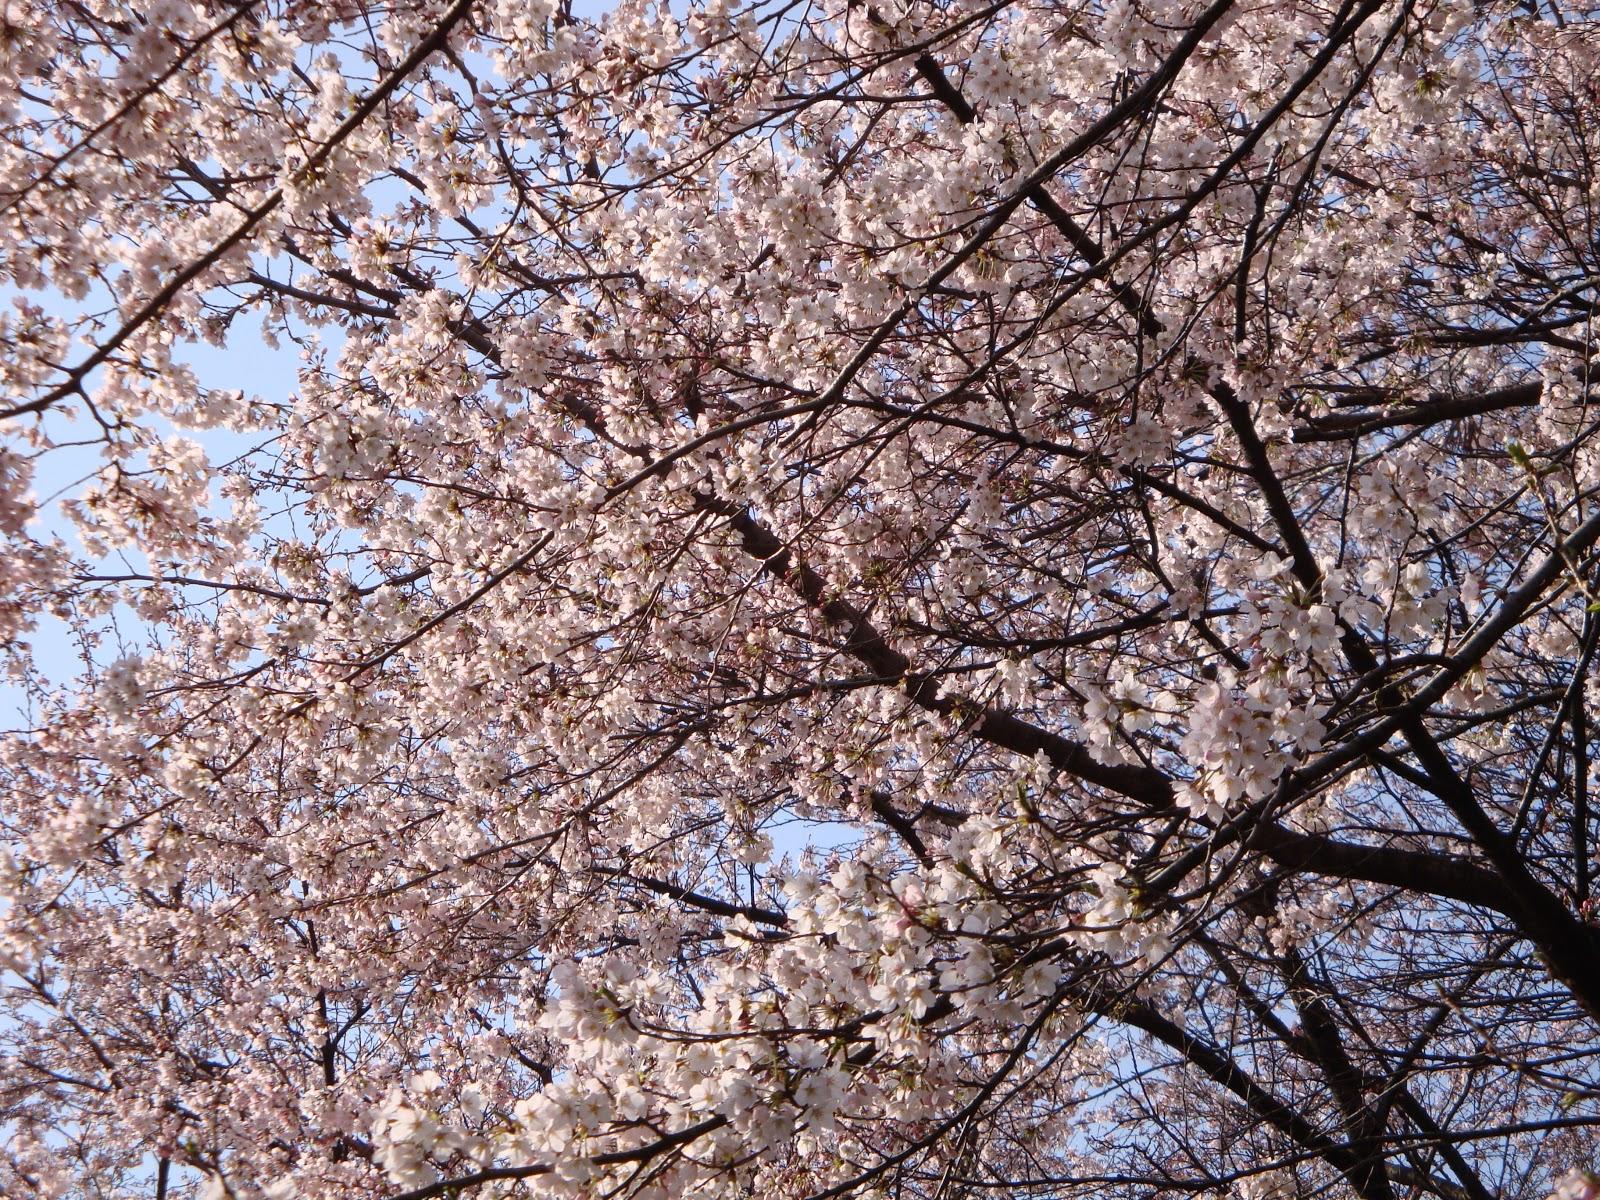 満開の桜並木に少し近付いた